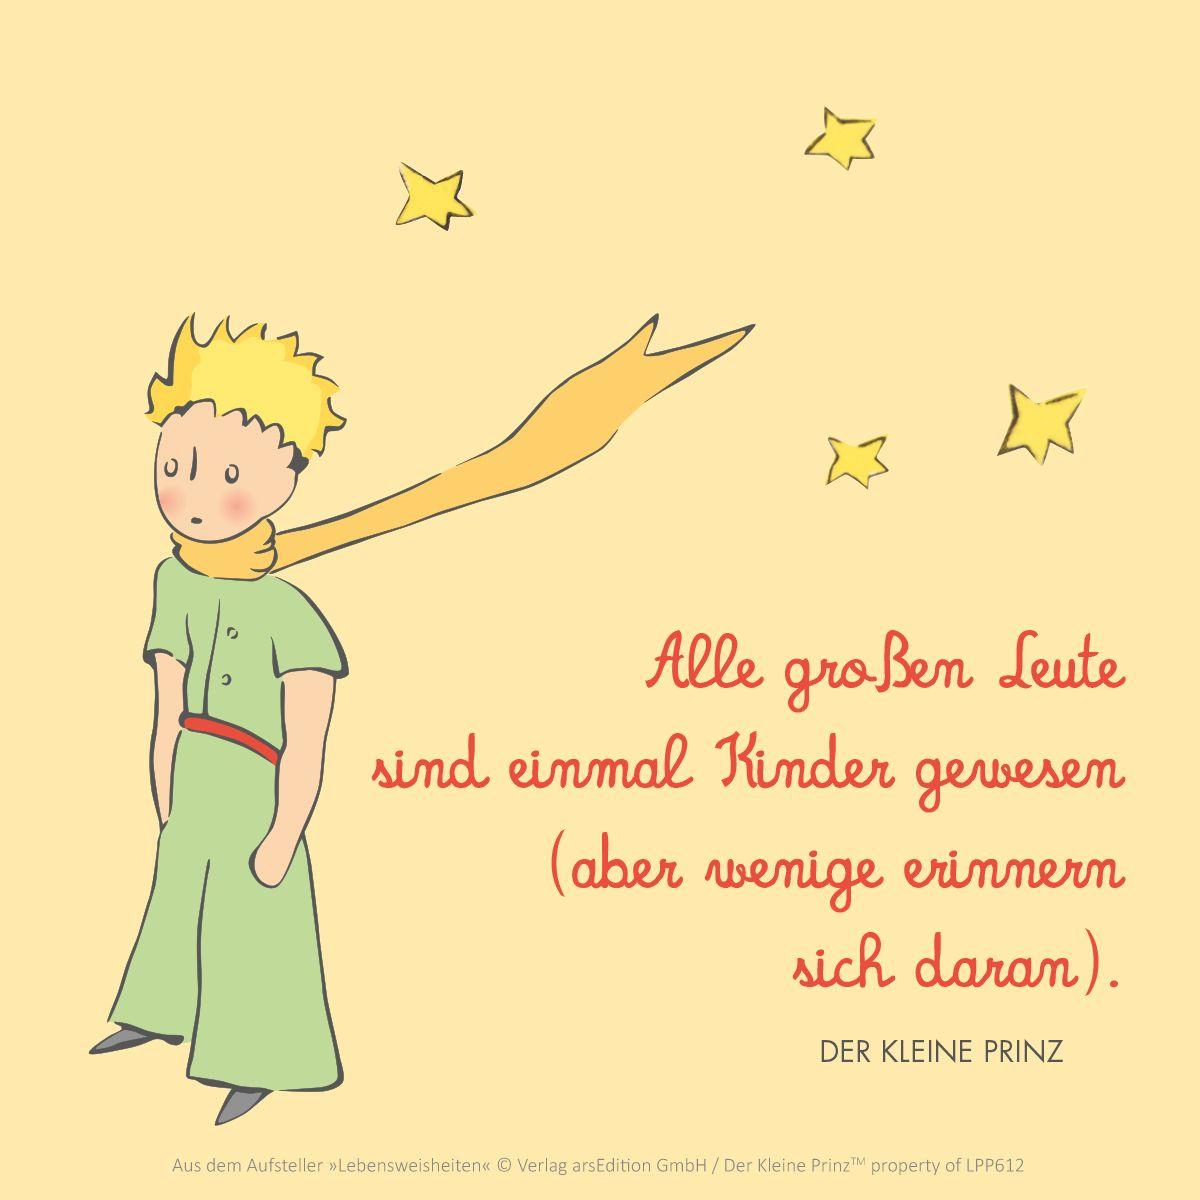 Der Kleine Prinz The Little Prince Zitat Qotd Kinder Geschenkeschatz Arsedition Der Kleine Prinz Zitate Prinz Zitate Der Kleine Prinz